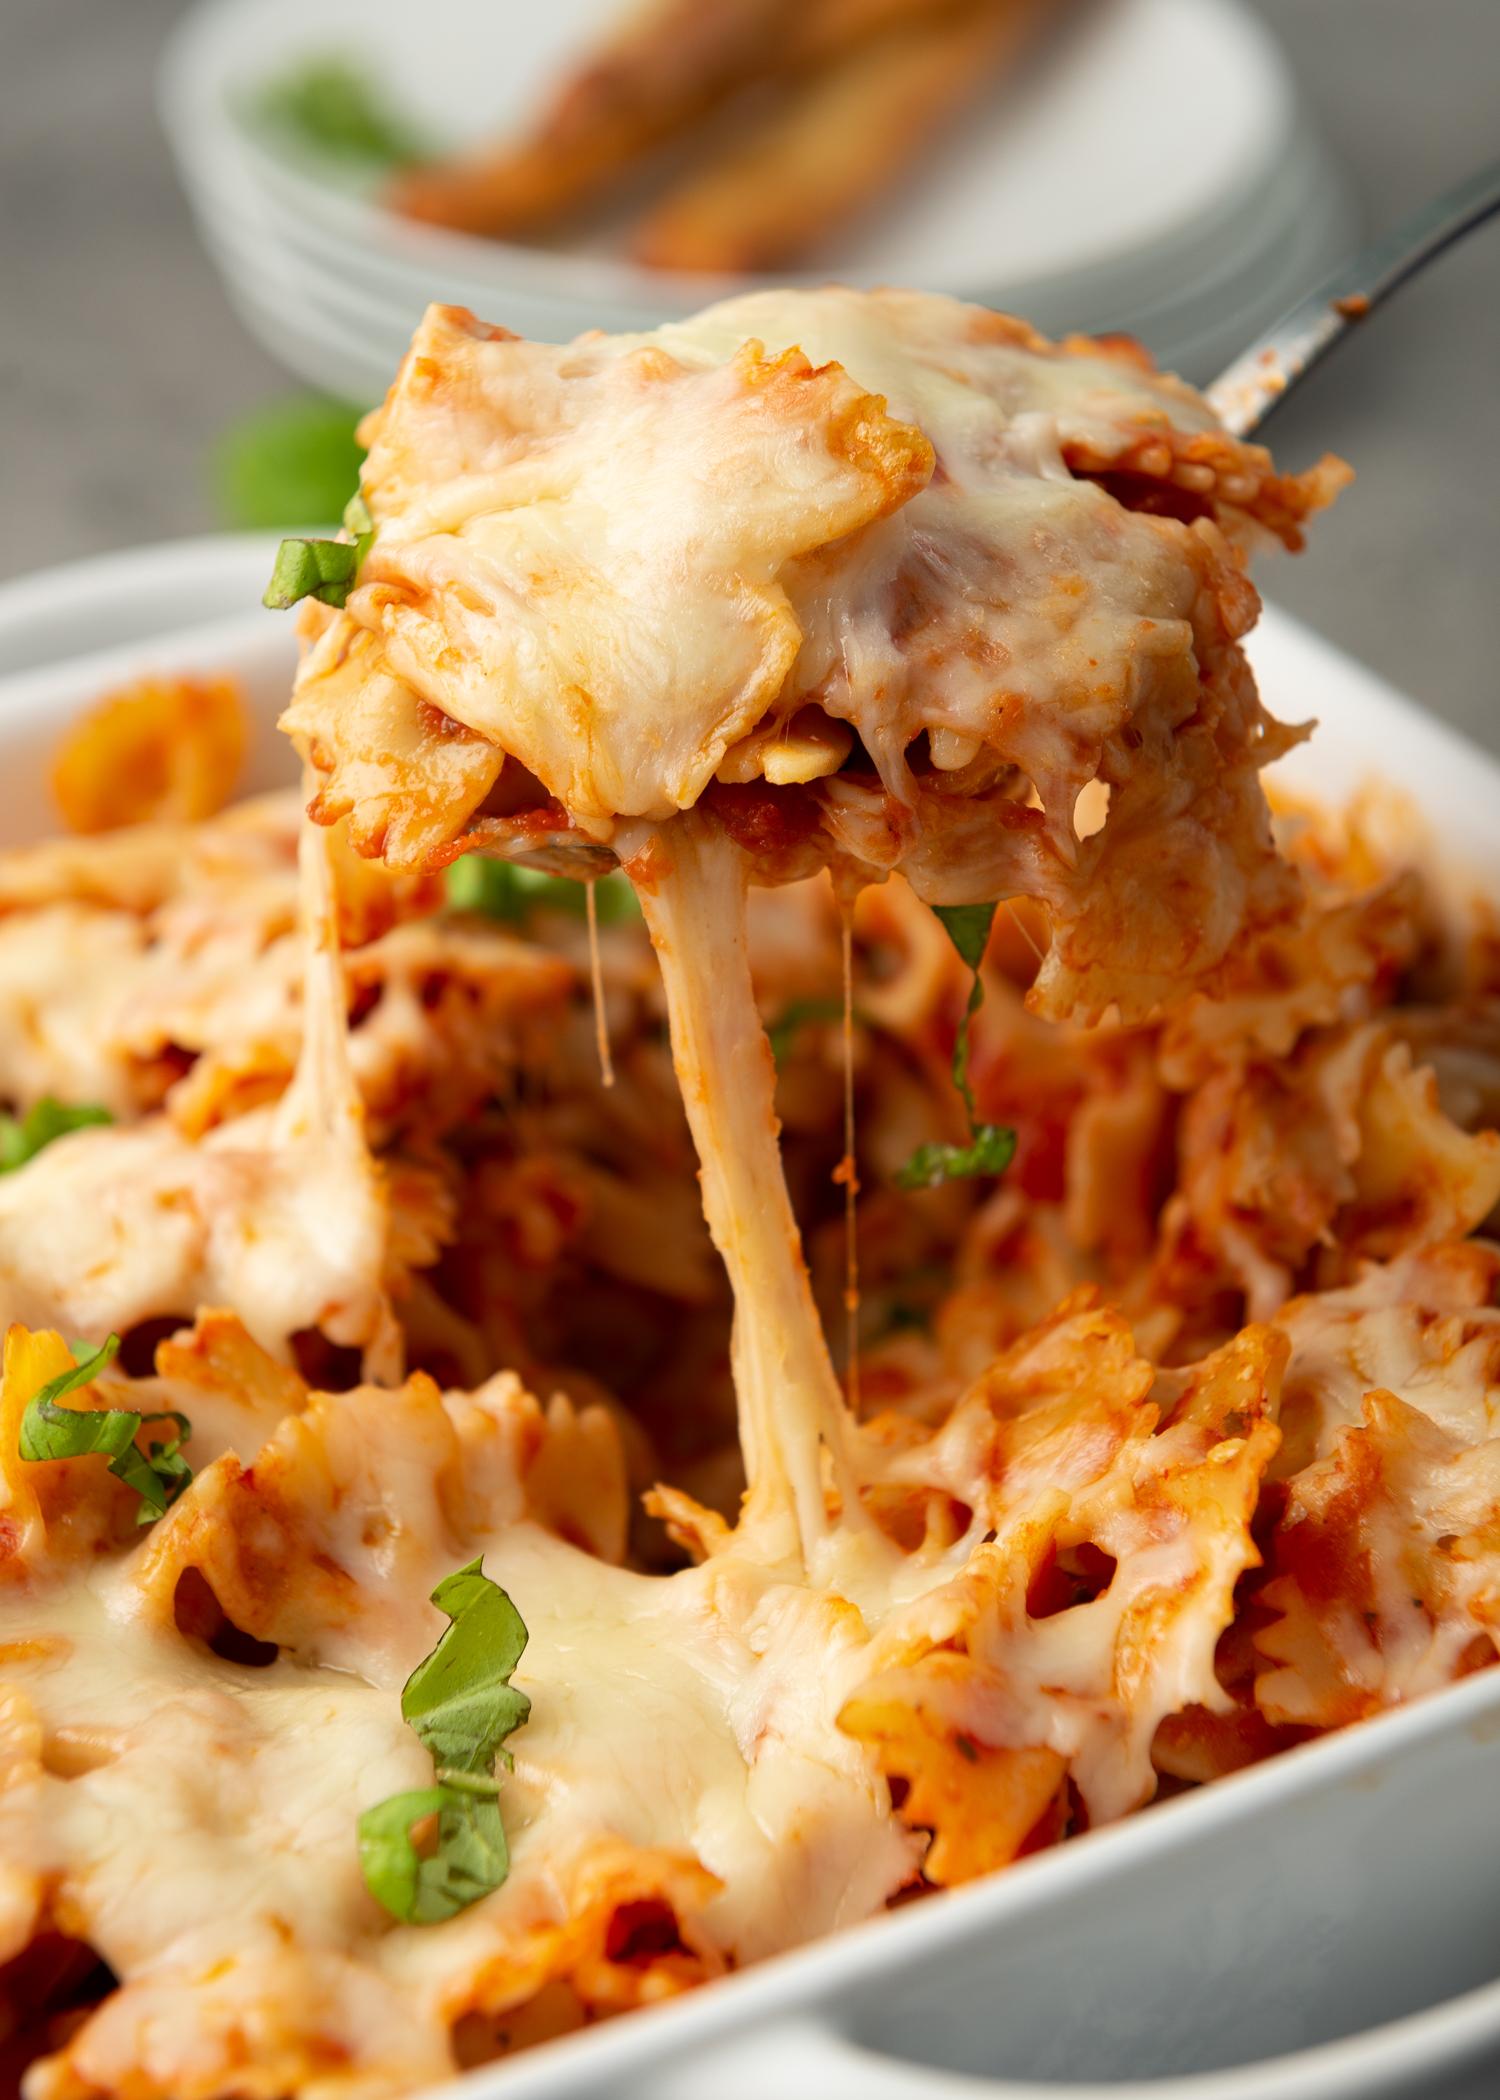 10 Ingredient Chicken Pasta casserole